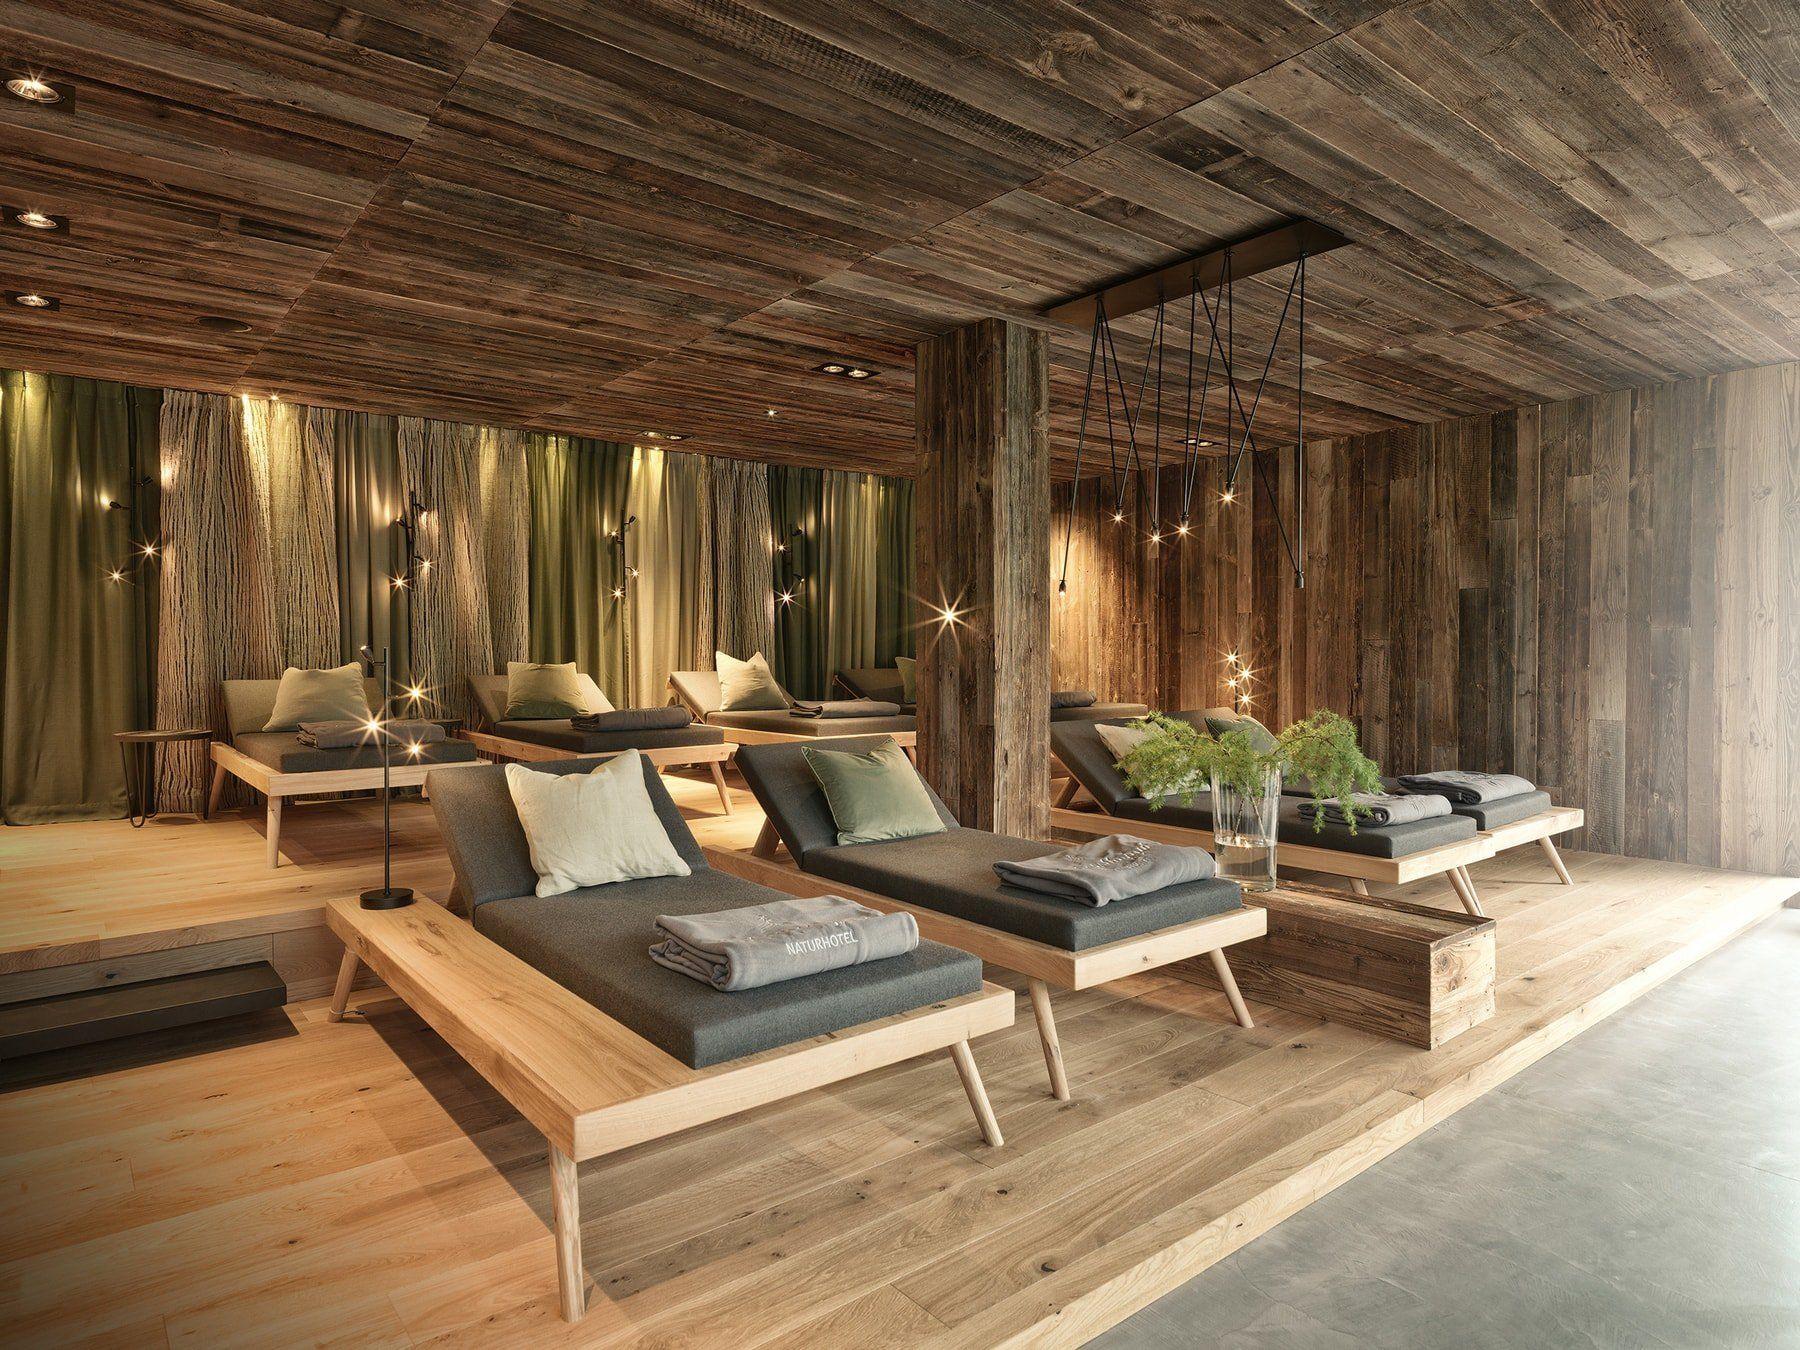 HOTEL FORSTHOFGUT - Home Interior Mils Tirol | Feel good | Pinterest ...